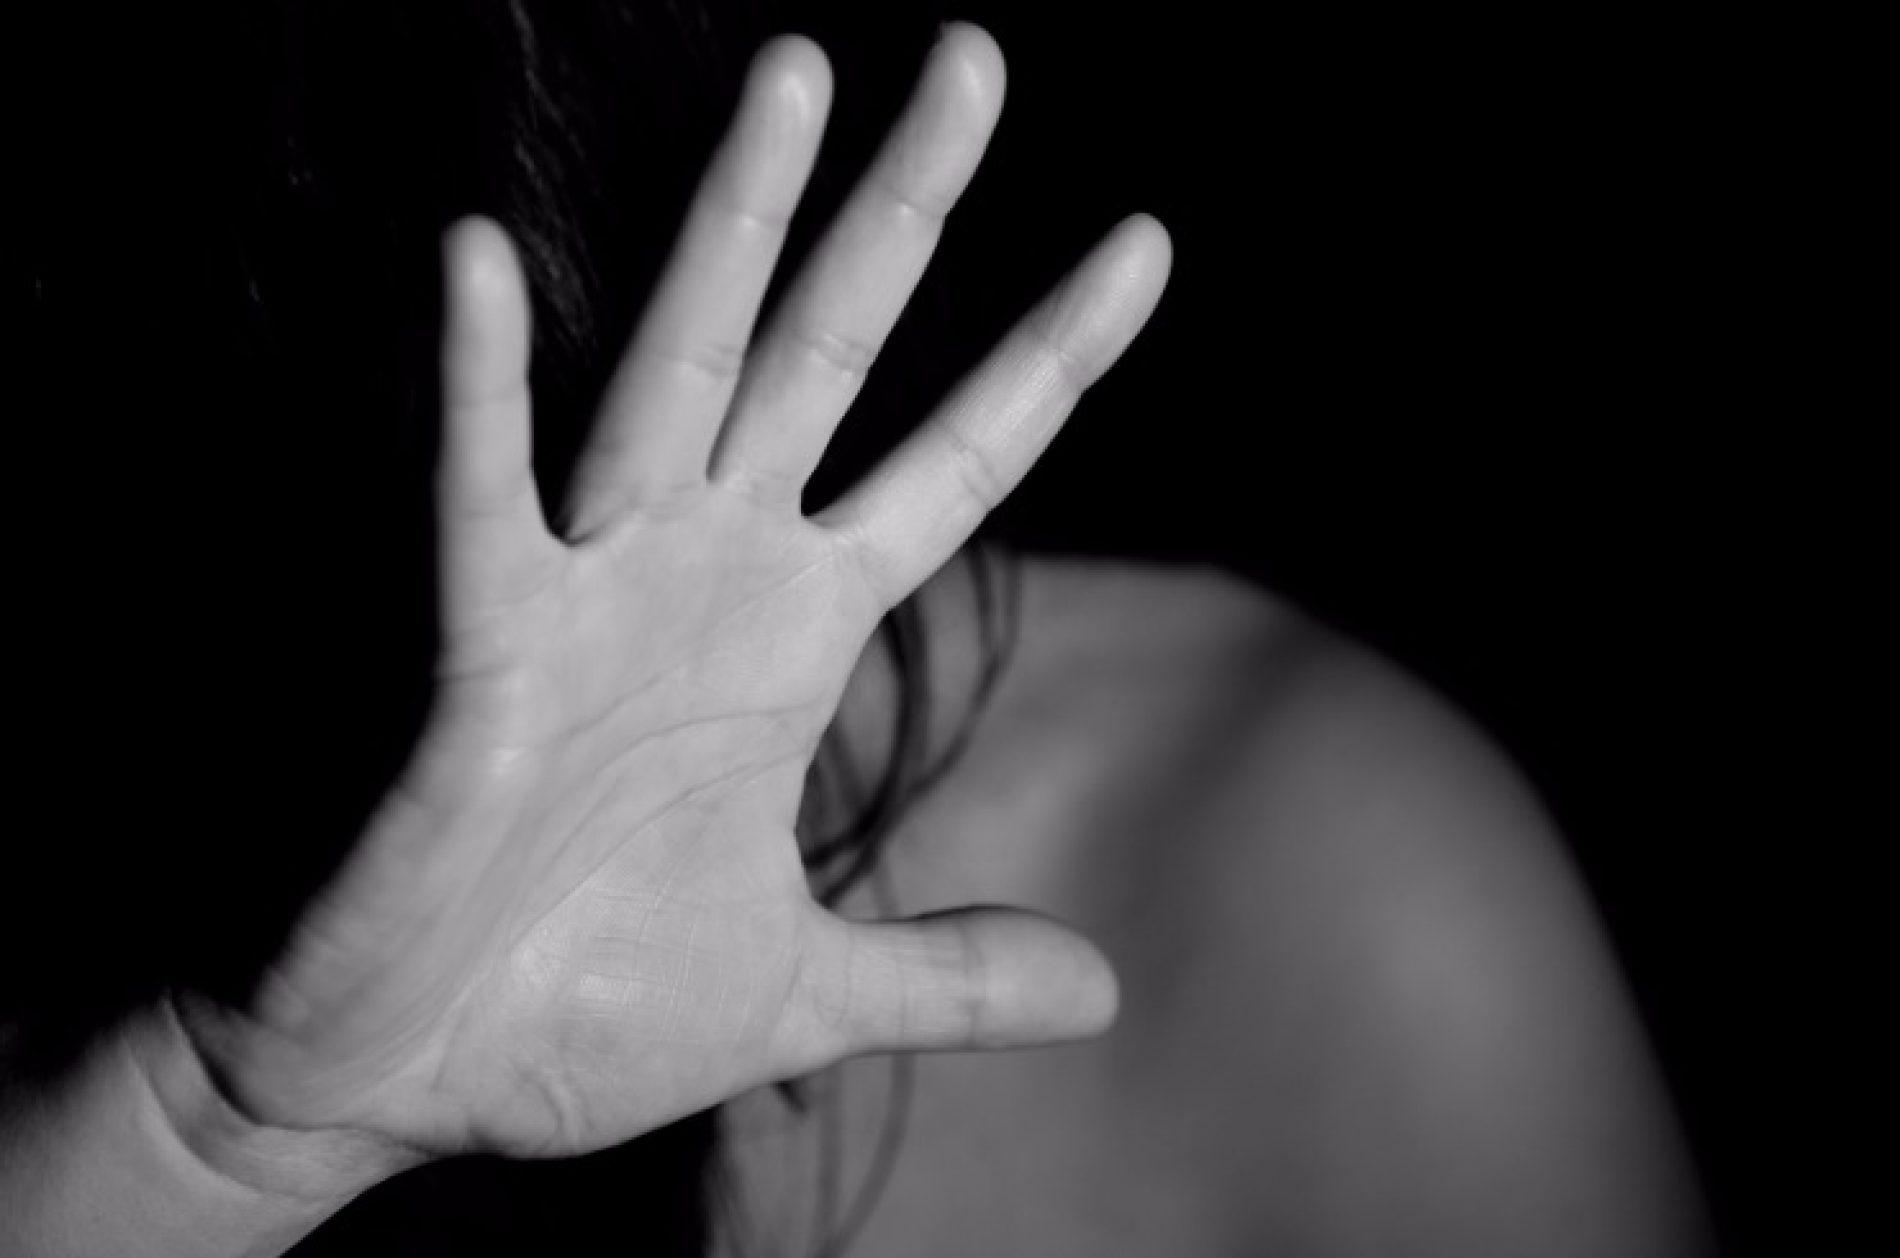 BARRETOS: Mulher registra queixa por agressão